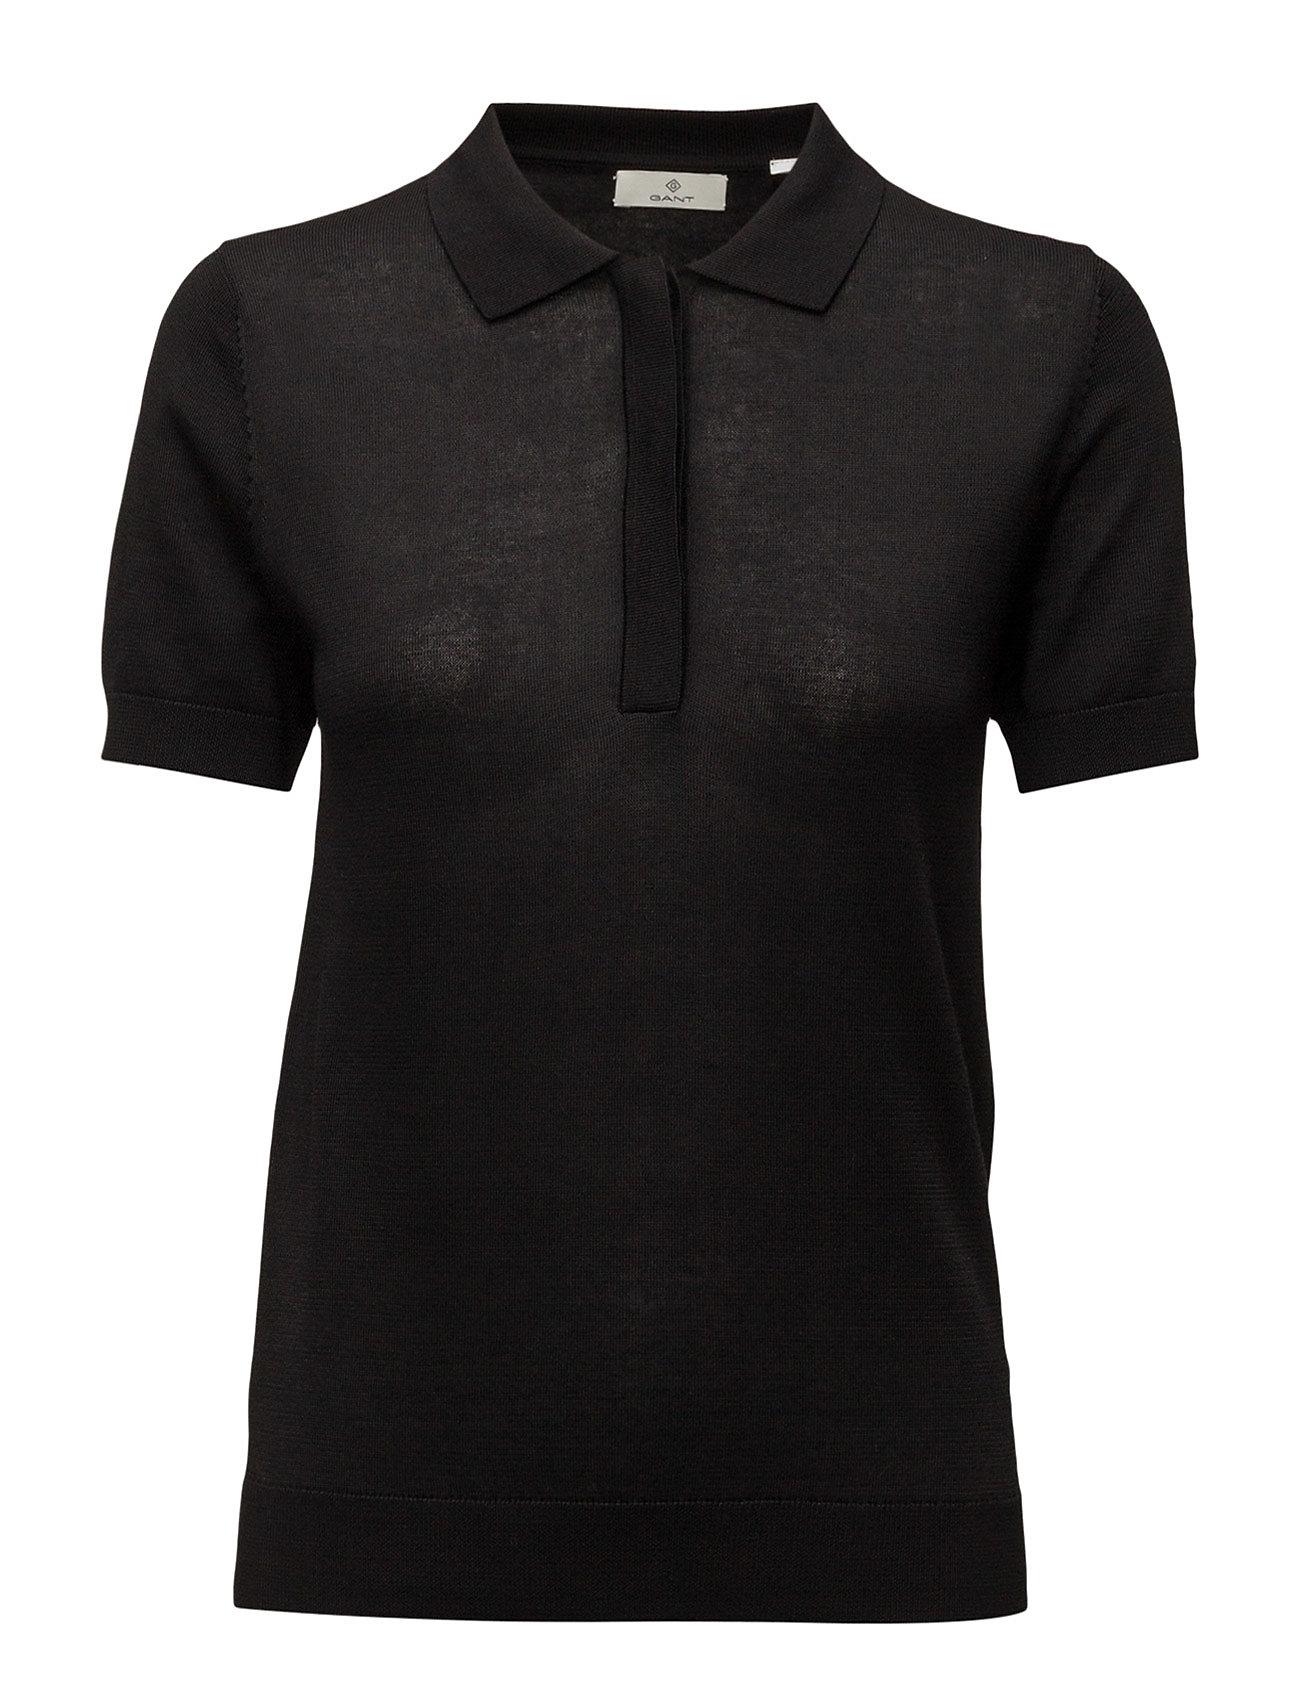 G1. Knitted Polo Top GANT T-shirts & toppe til Kvinder i Sort